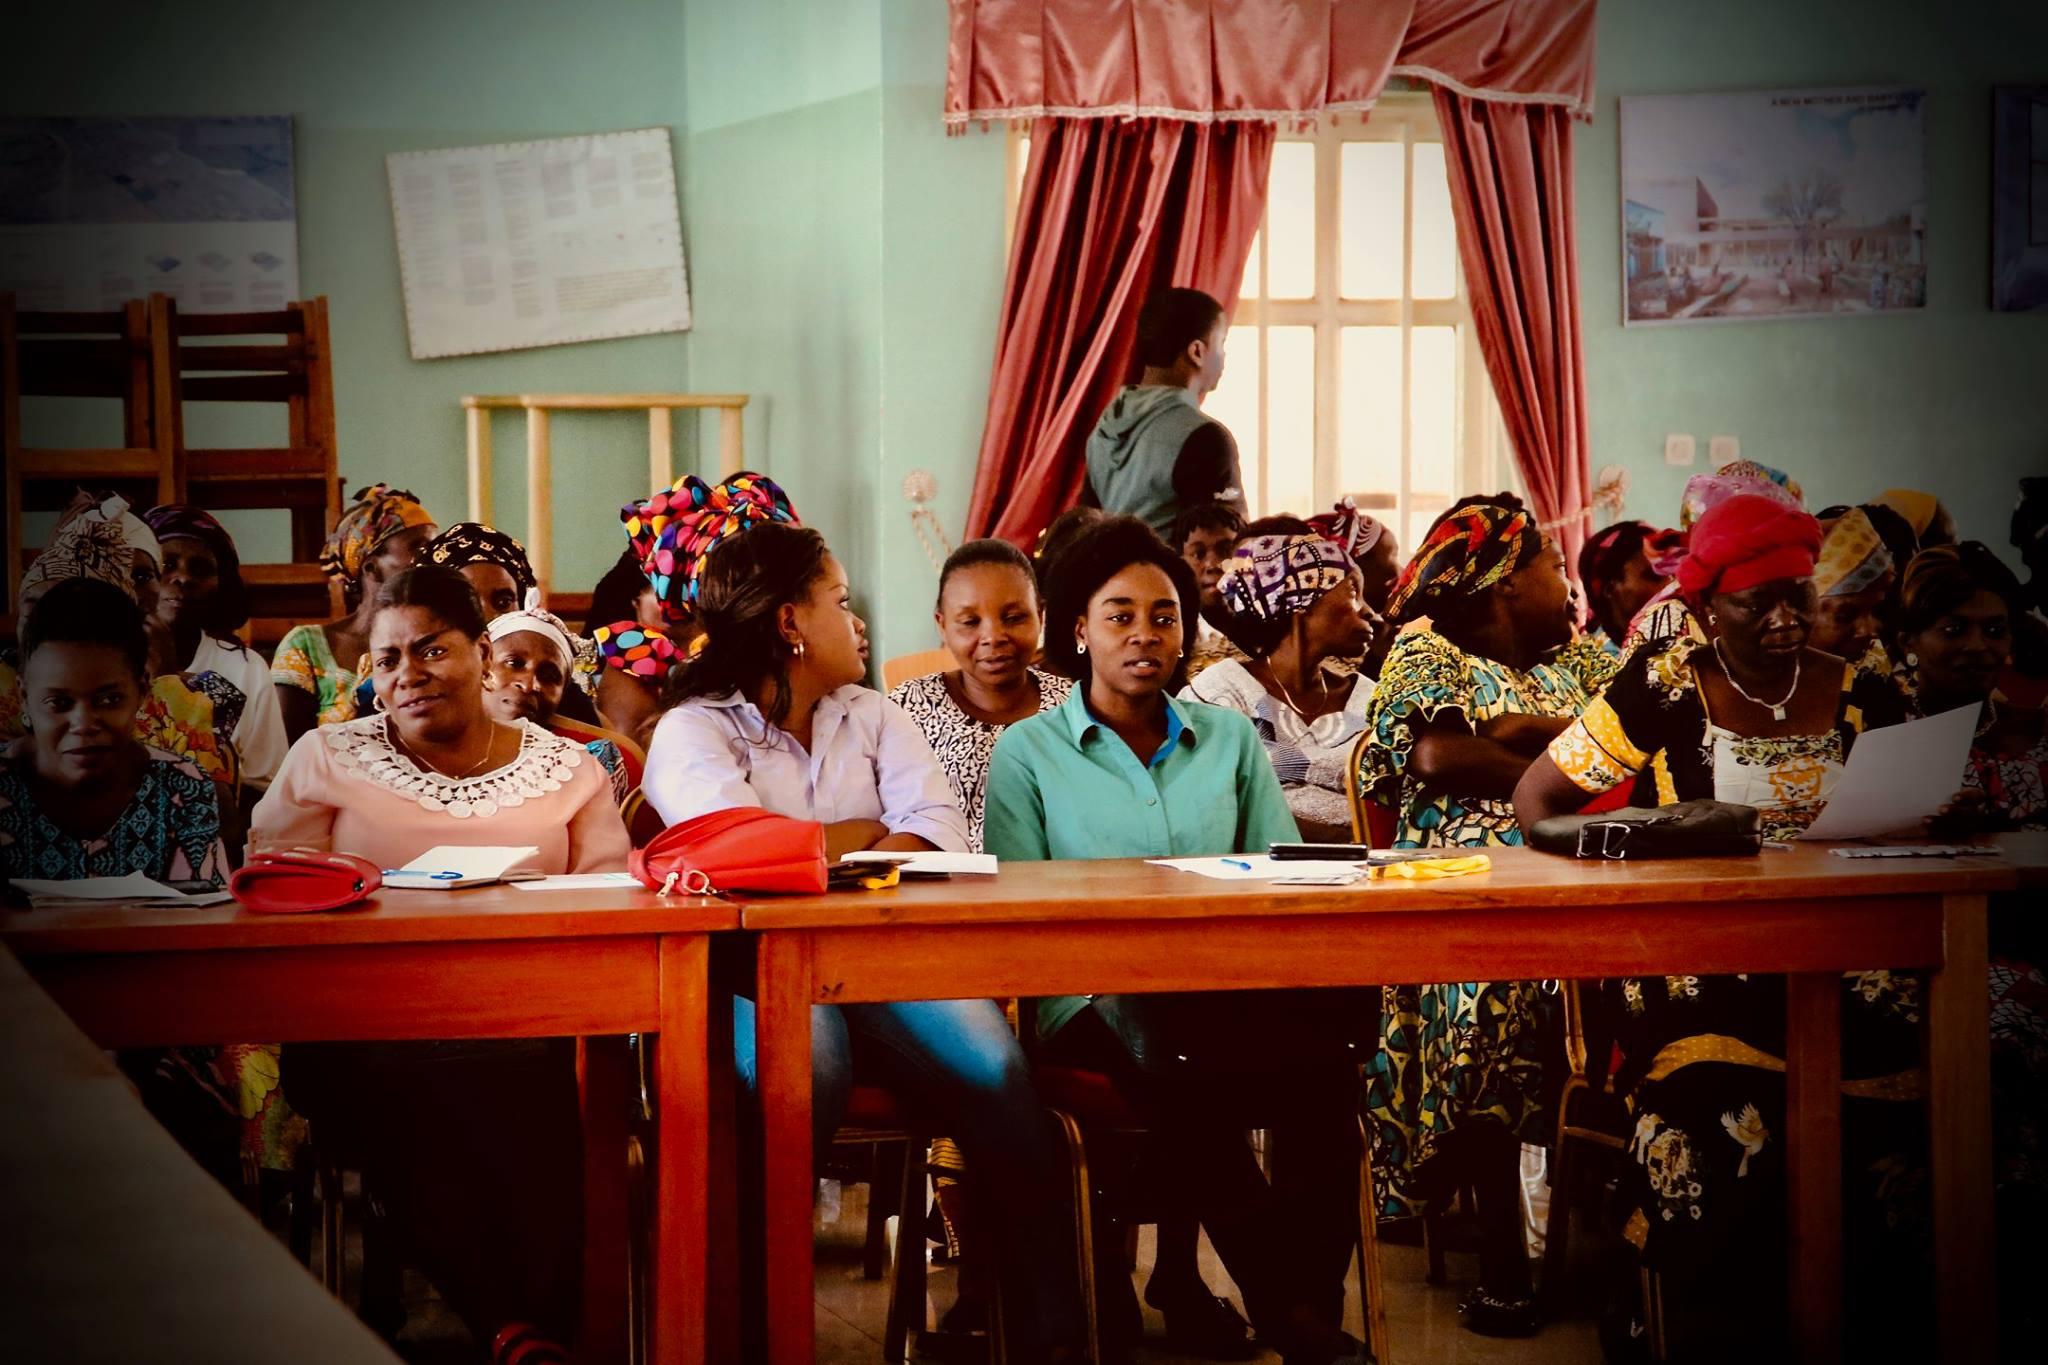 Le film choc sur les viols que subissent les femmes en RDCongo